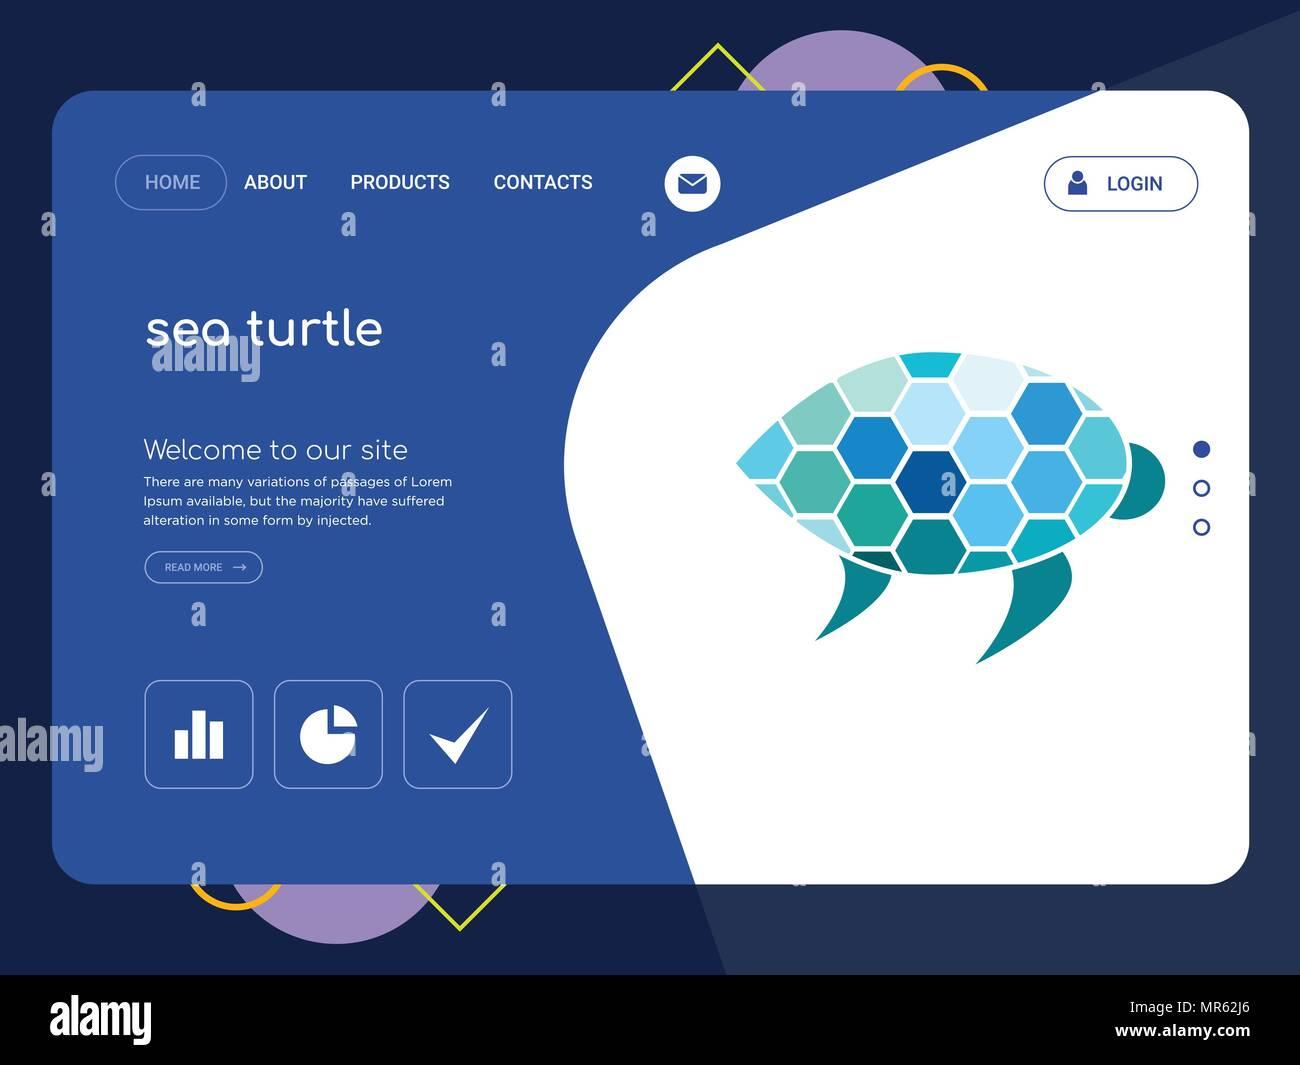 Die Qualitat Einer Seite Sea Turtle Website Template Vector EPS Moderne Web Design Mit Flachem UI Elemente Und Landschaft Illustration Ideal Fur Landing